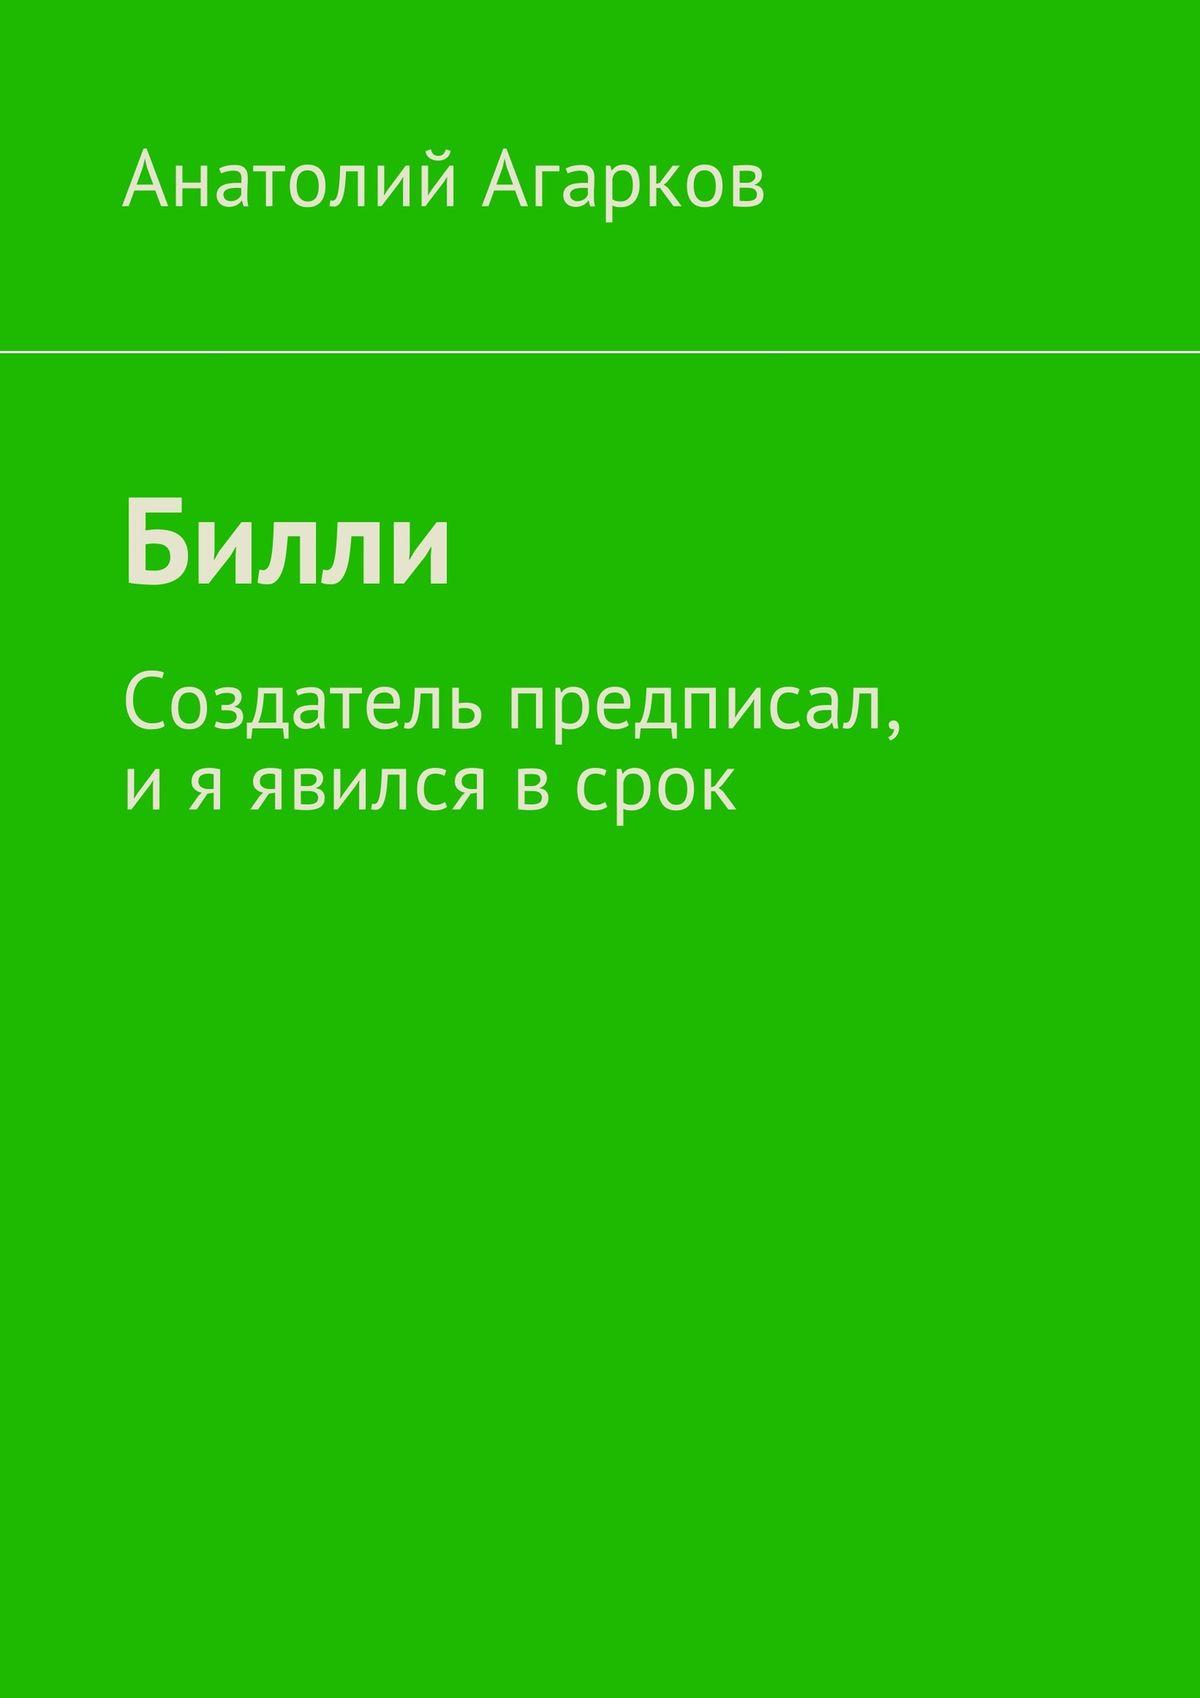 Анатолий Агарков Билли. Создатель предписал, и я явился в срок анатолий агарков билли создатель предписал и я явился в срок